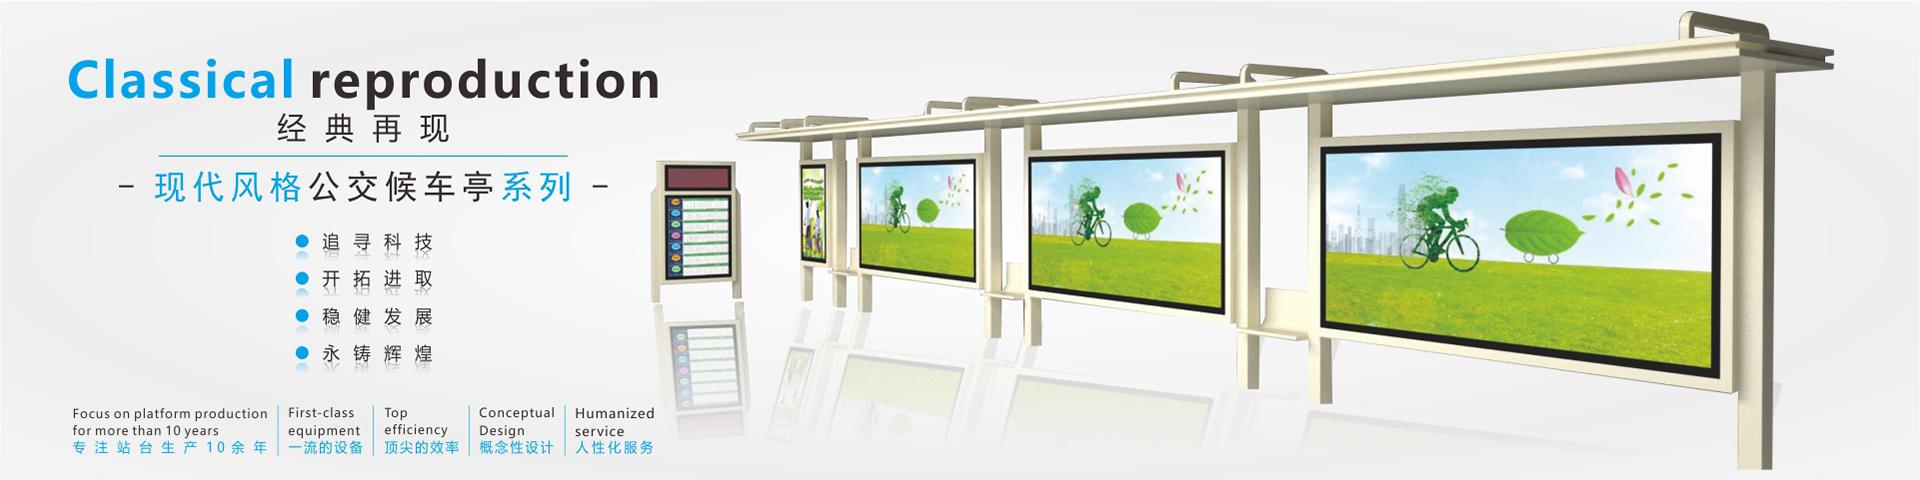 专业设计制作公交站台,候车亭,滚动灯箱,路名灯箱,社区灯箱